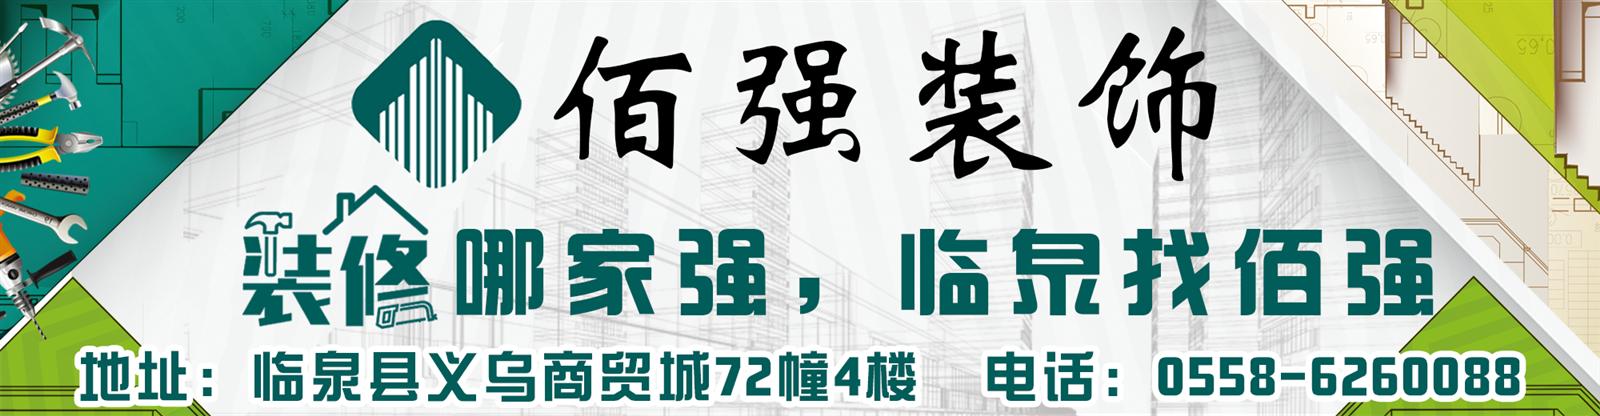 临泉县佰强装饰工程有限公司